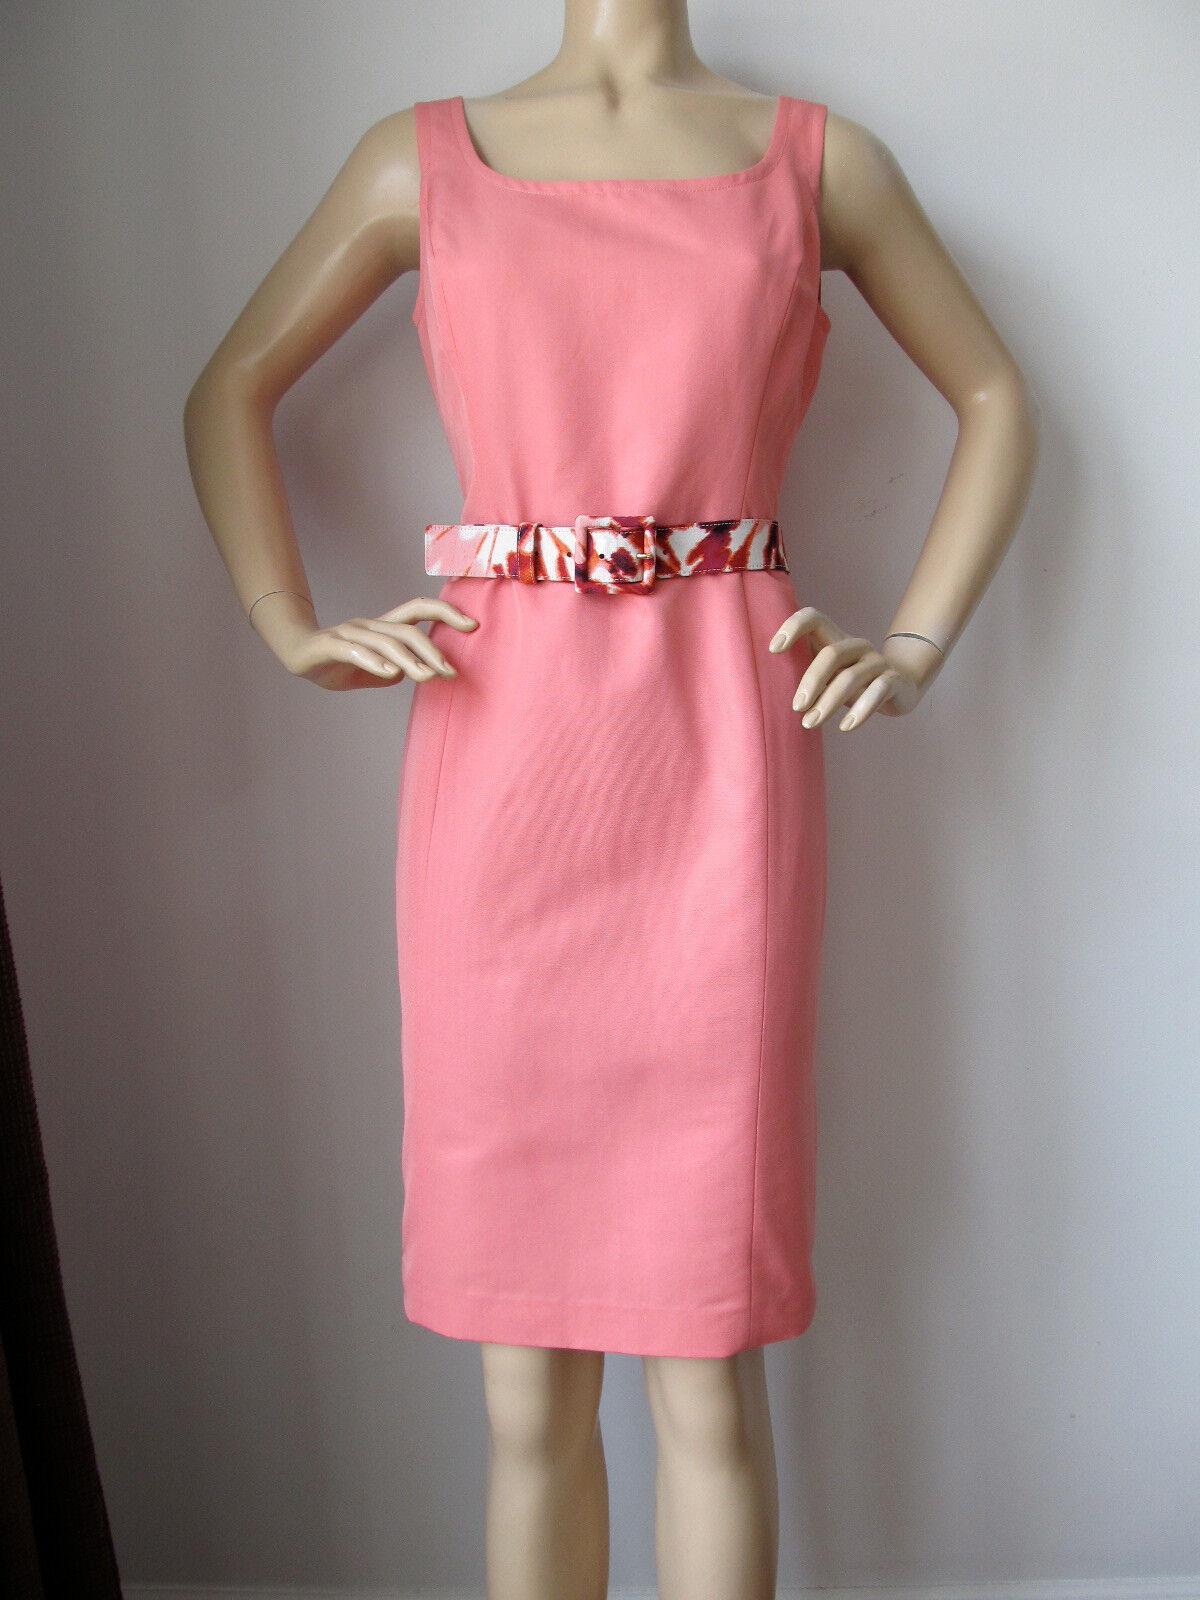 Nuevo ST JOHN Tejido Vestido Tubo De Mujer  Talla 4 Sandía Naranja Durazno De Algodón  tomamos a los clientes como nuestro dios